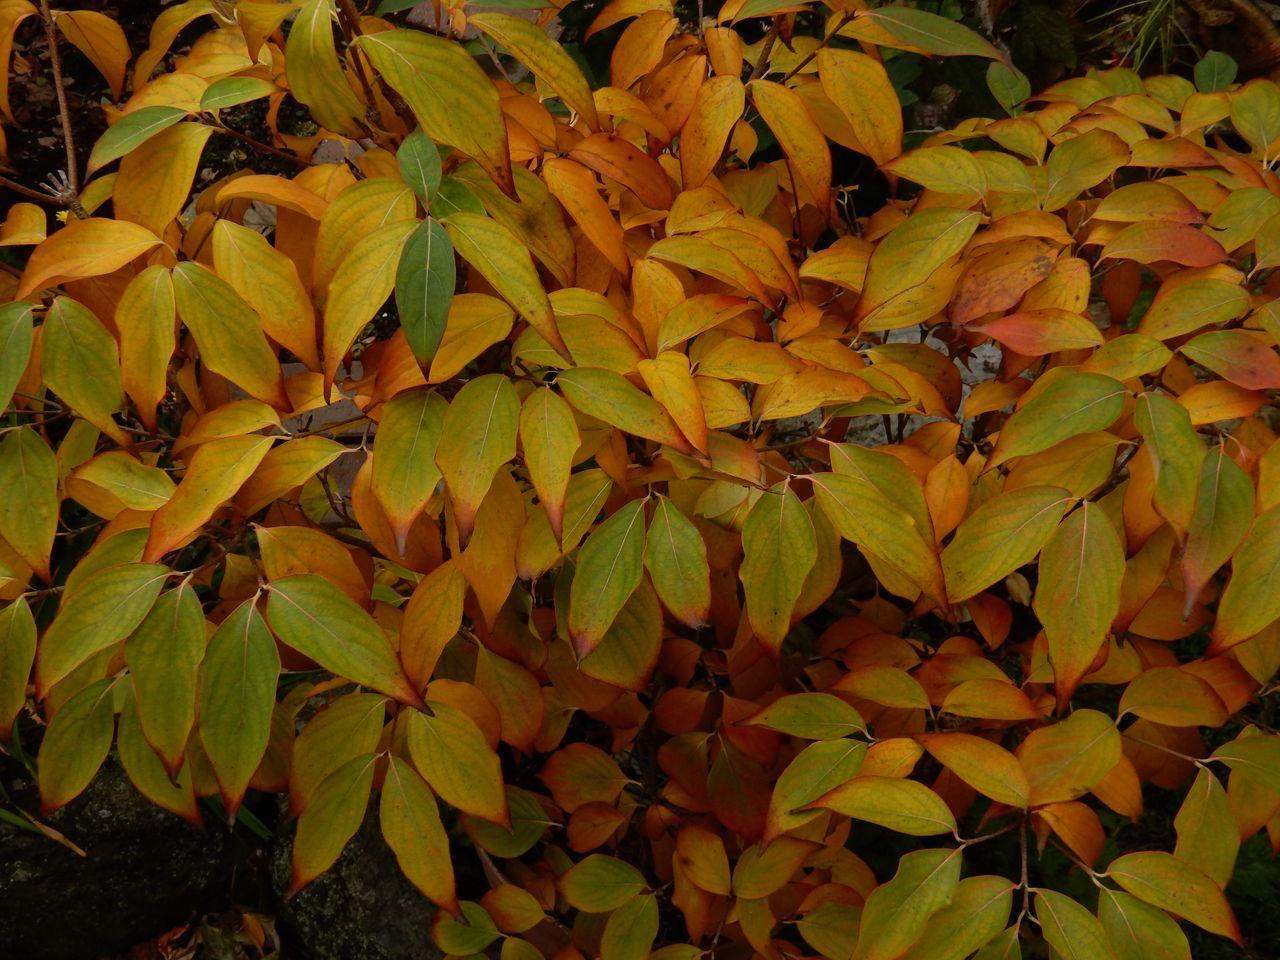 よく見ると一枚一枚の葉の色だって違います_c0025115_21120750.jpg